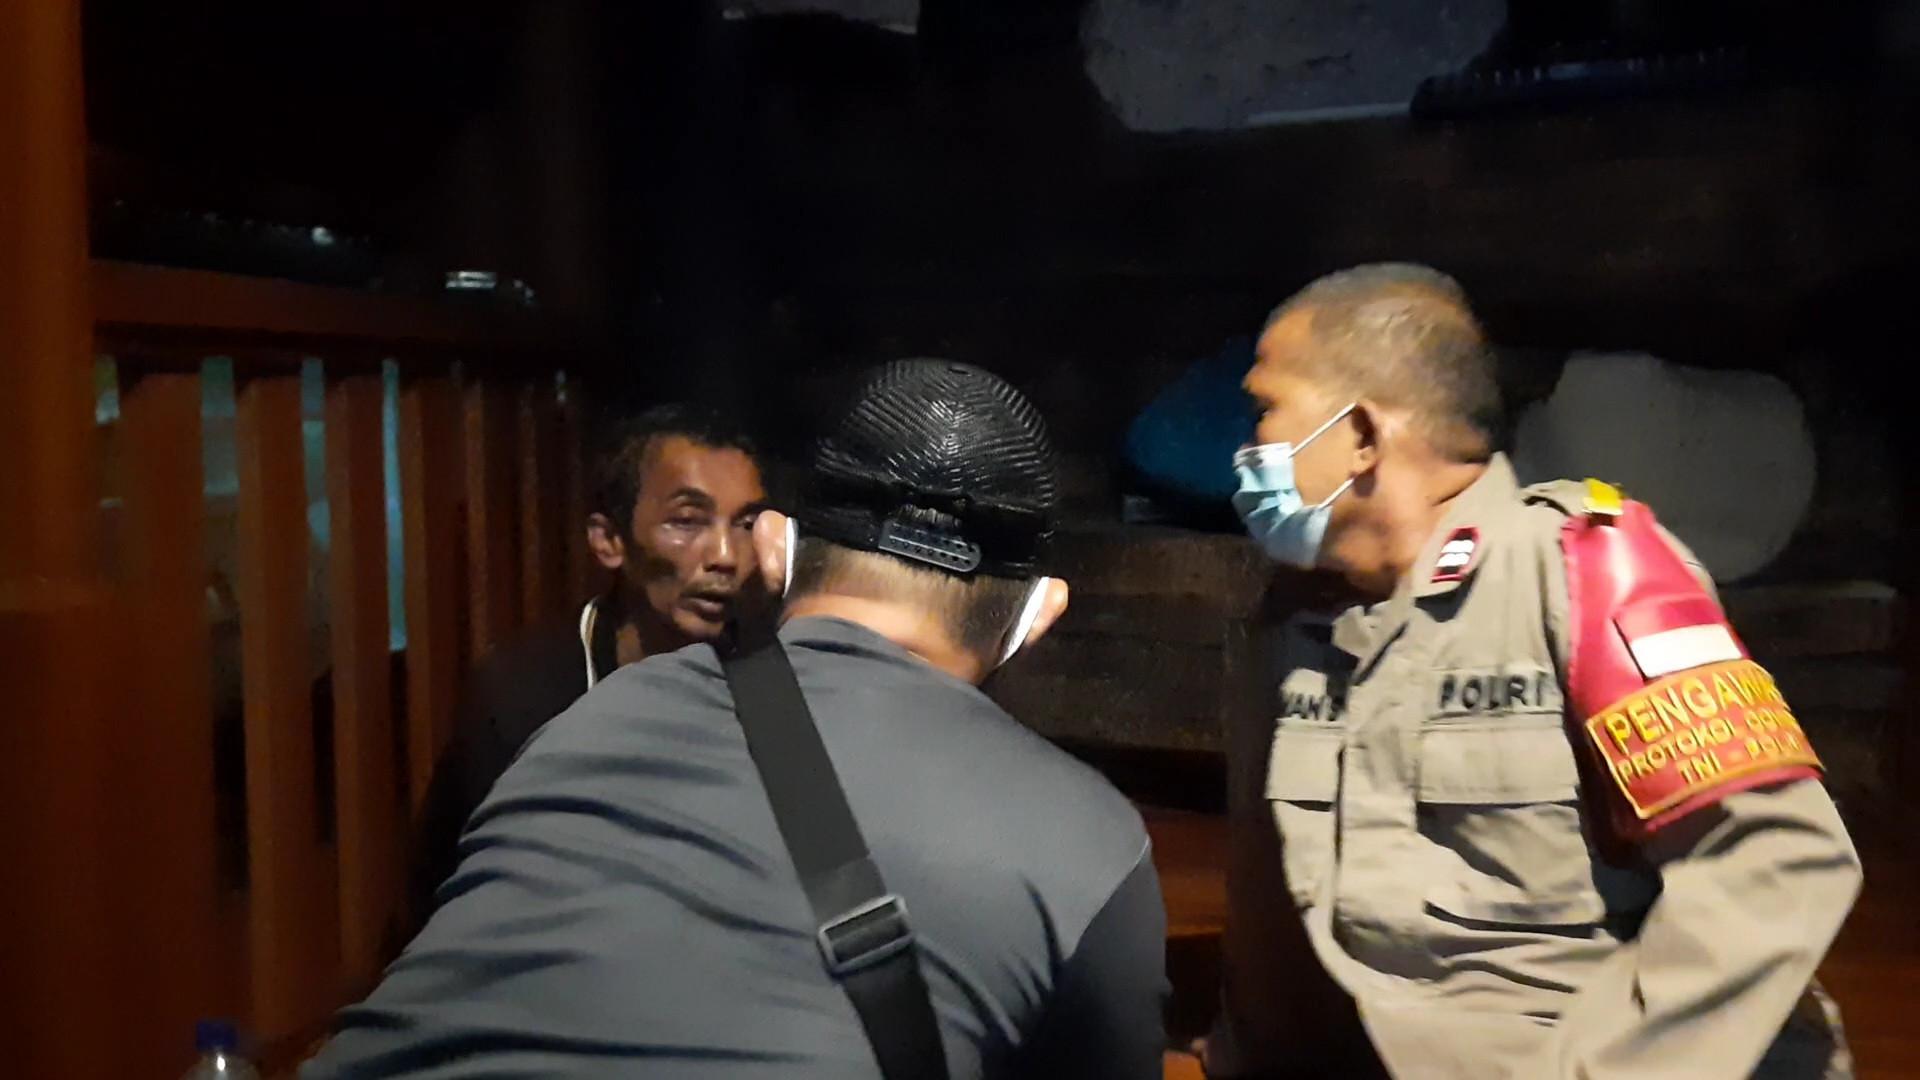 Gara-Gara Utang, Dua Pria Disekap dan Dianiaya di Duren Sawit Jaktim - JPNN.com